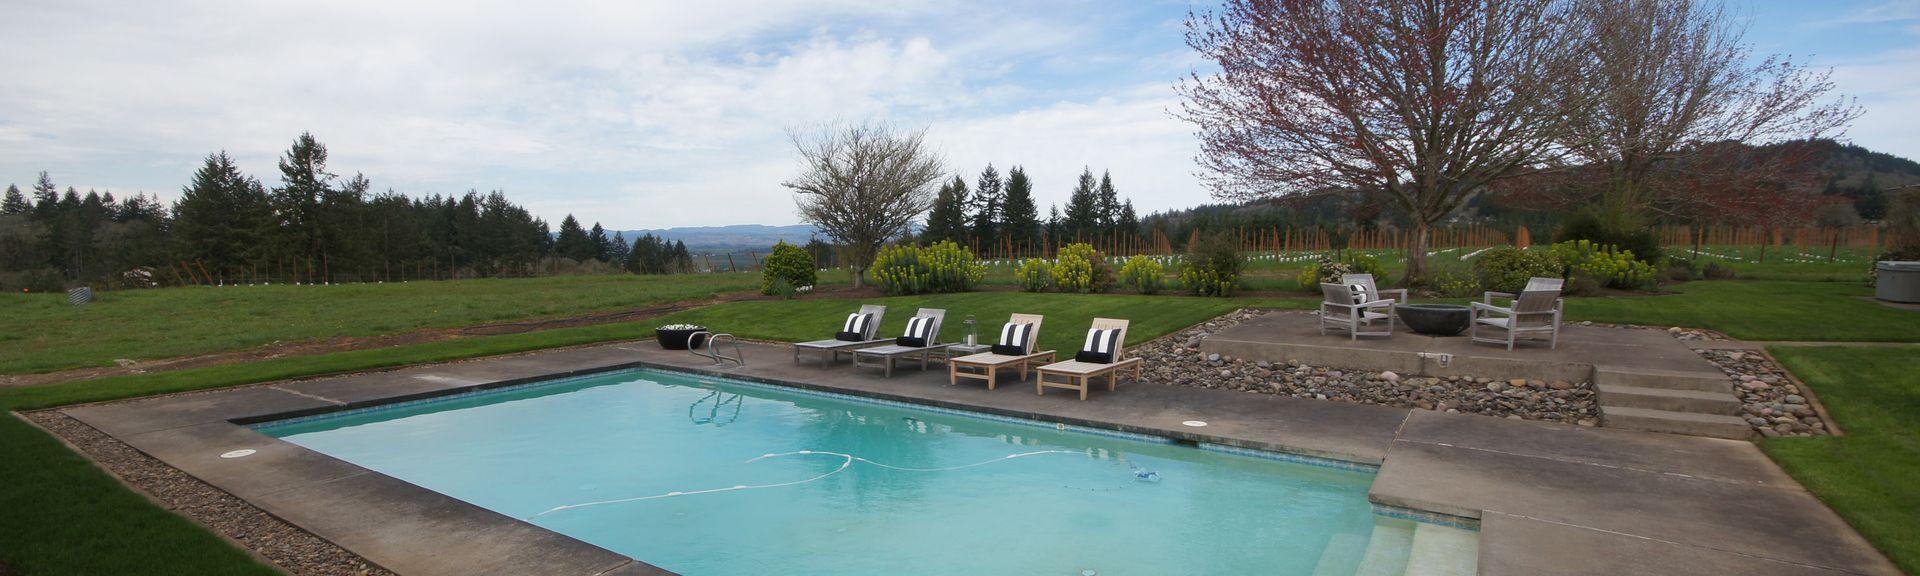 Keizer, Oregon, United States